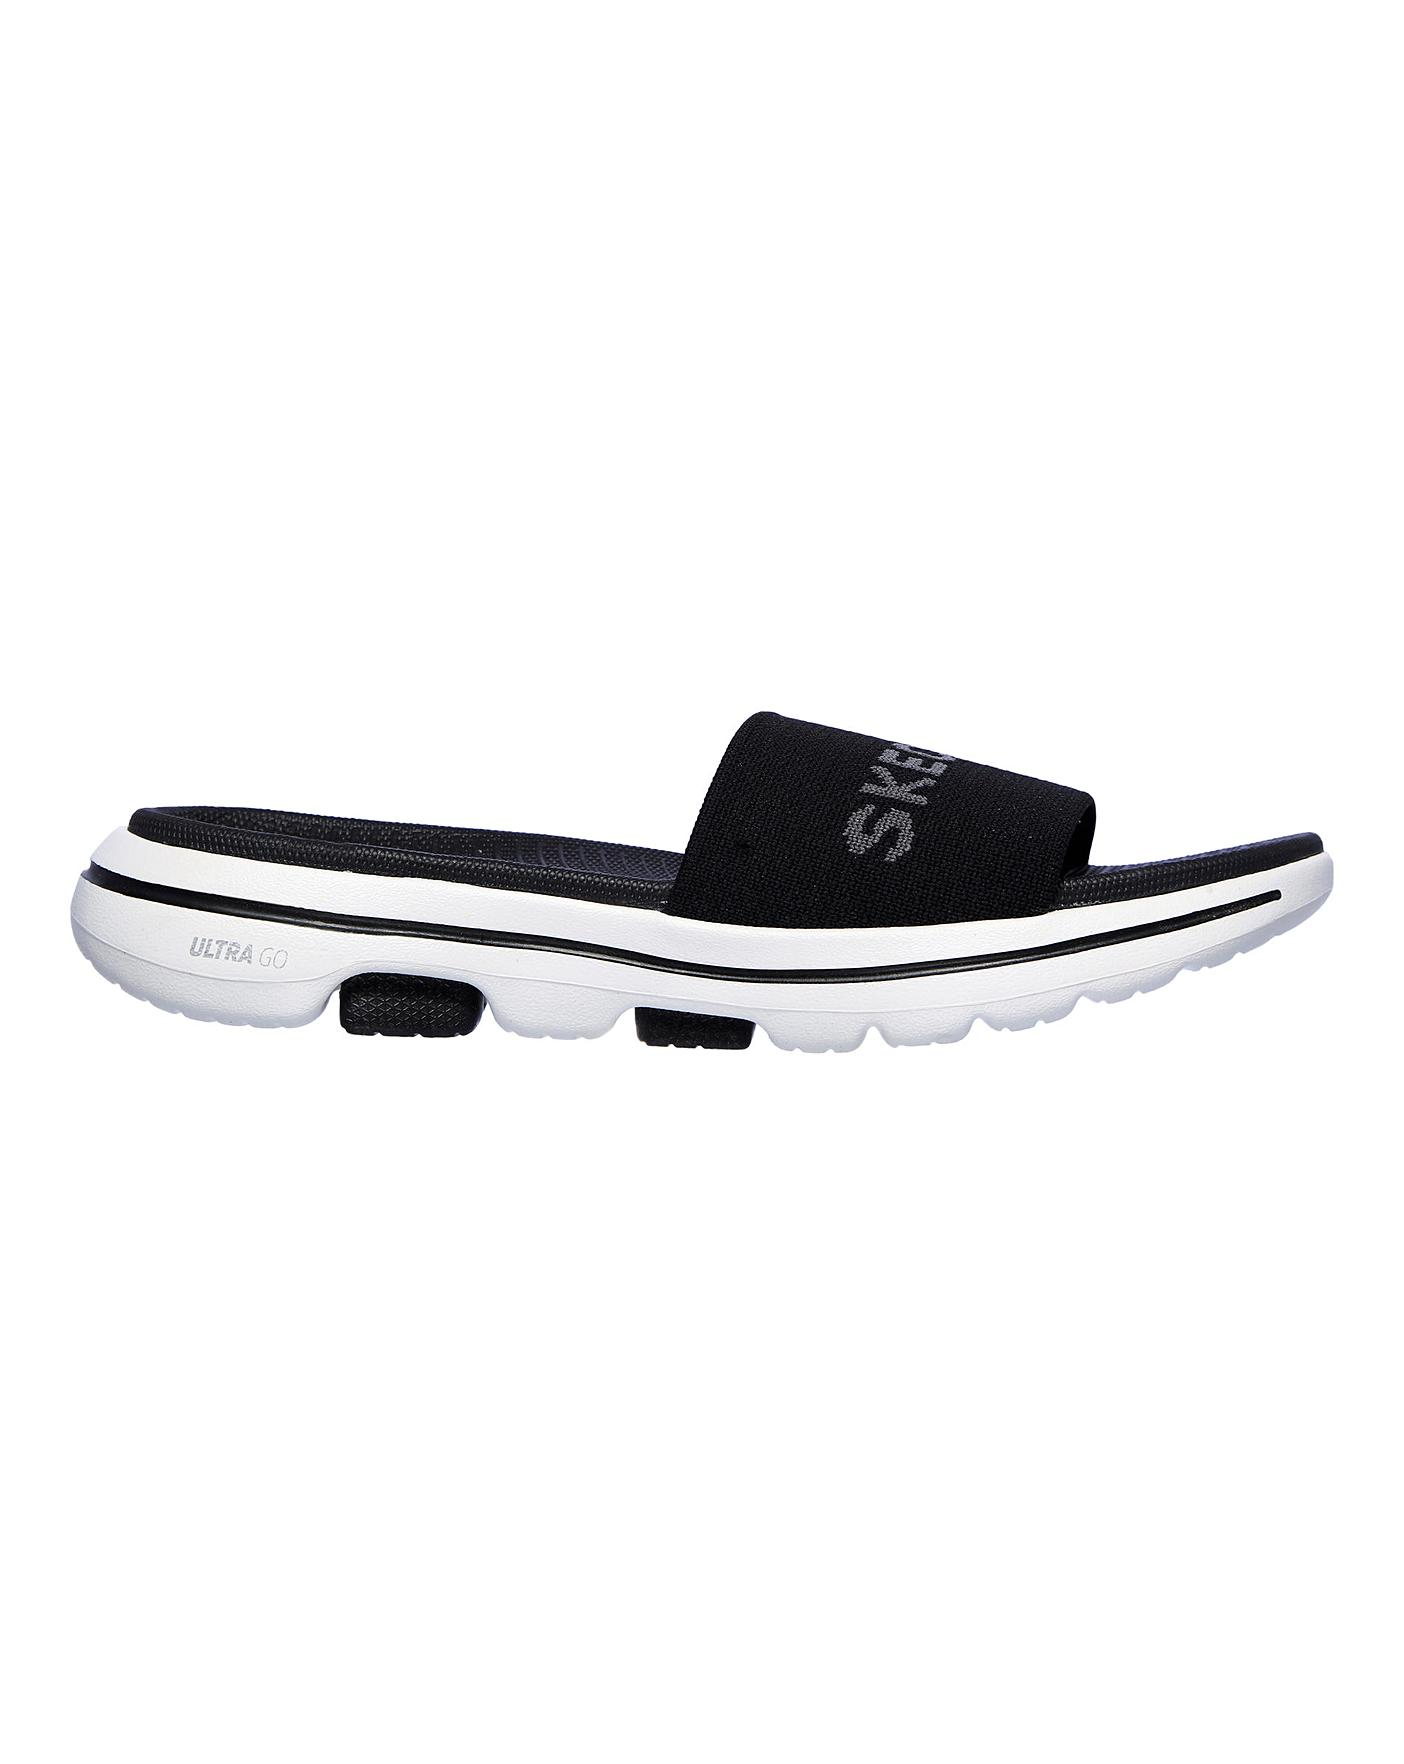 Skechers Go Walk 5 Sandals | Oxendales